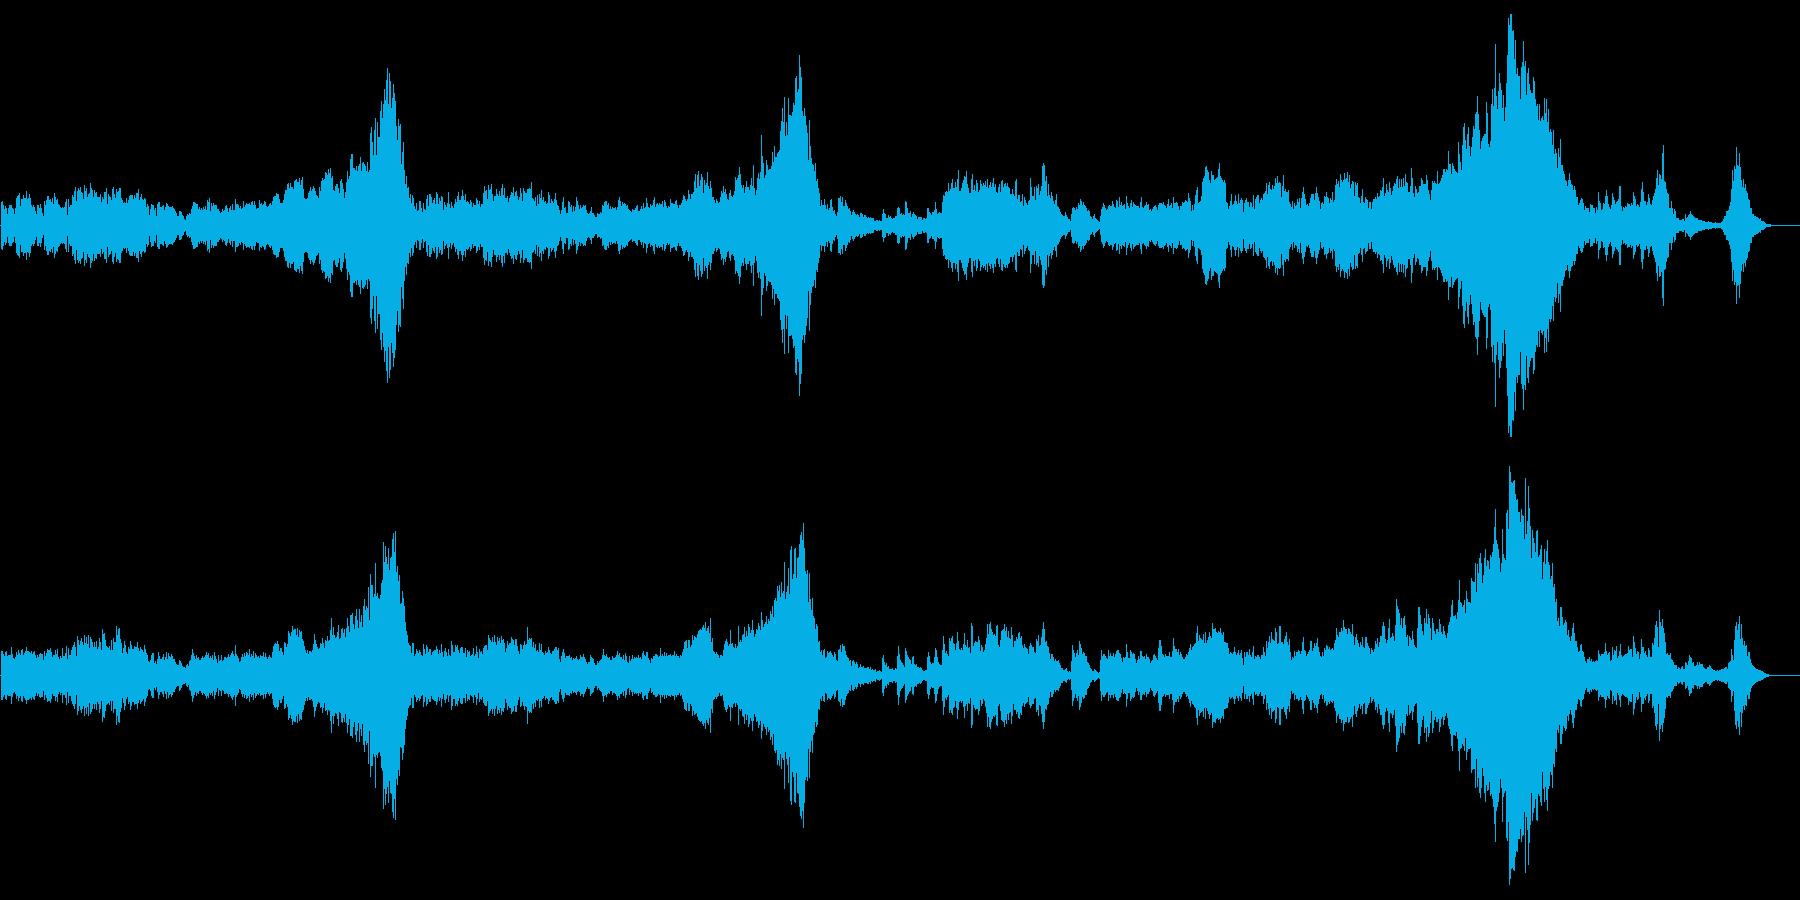 「クープランの墓」から 『序曲』の再生済みの波形